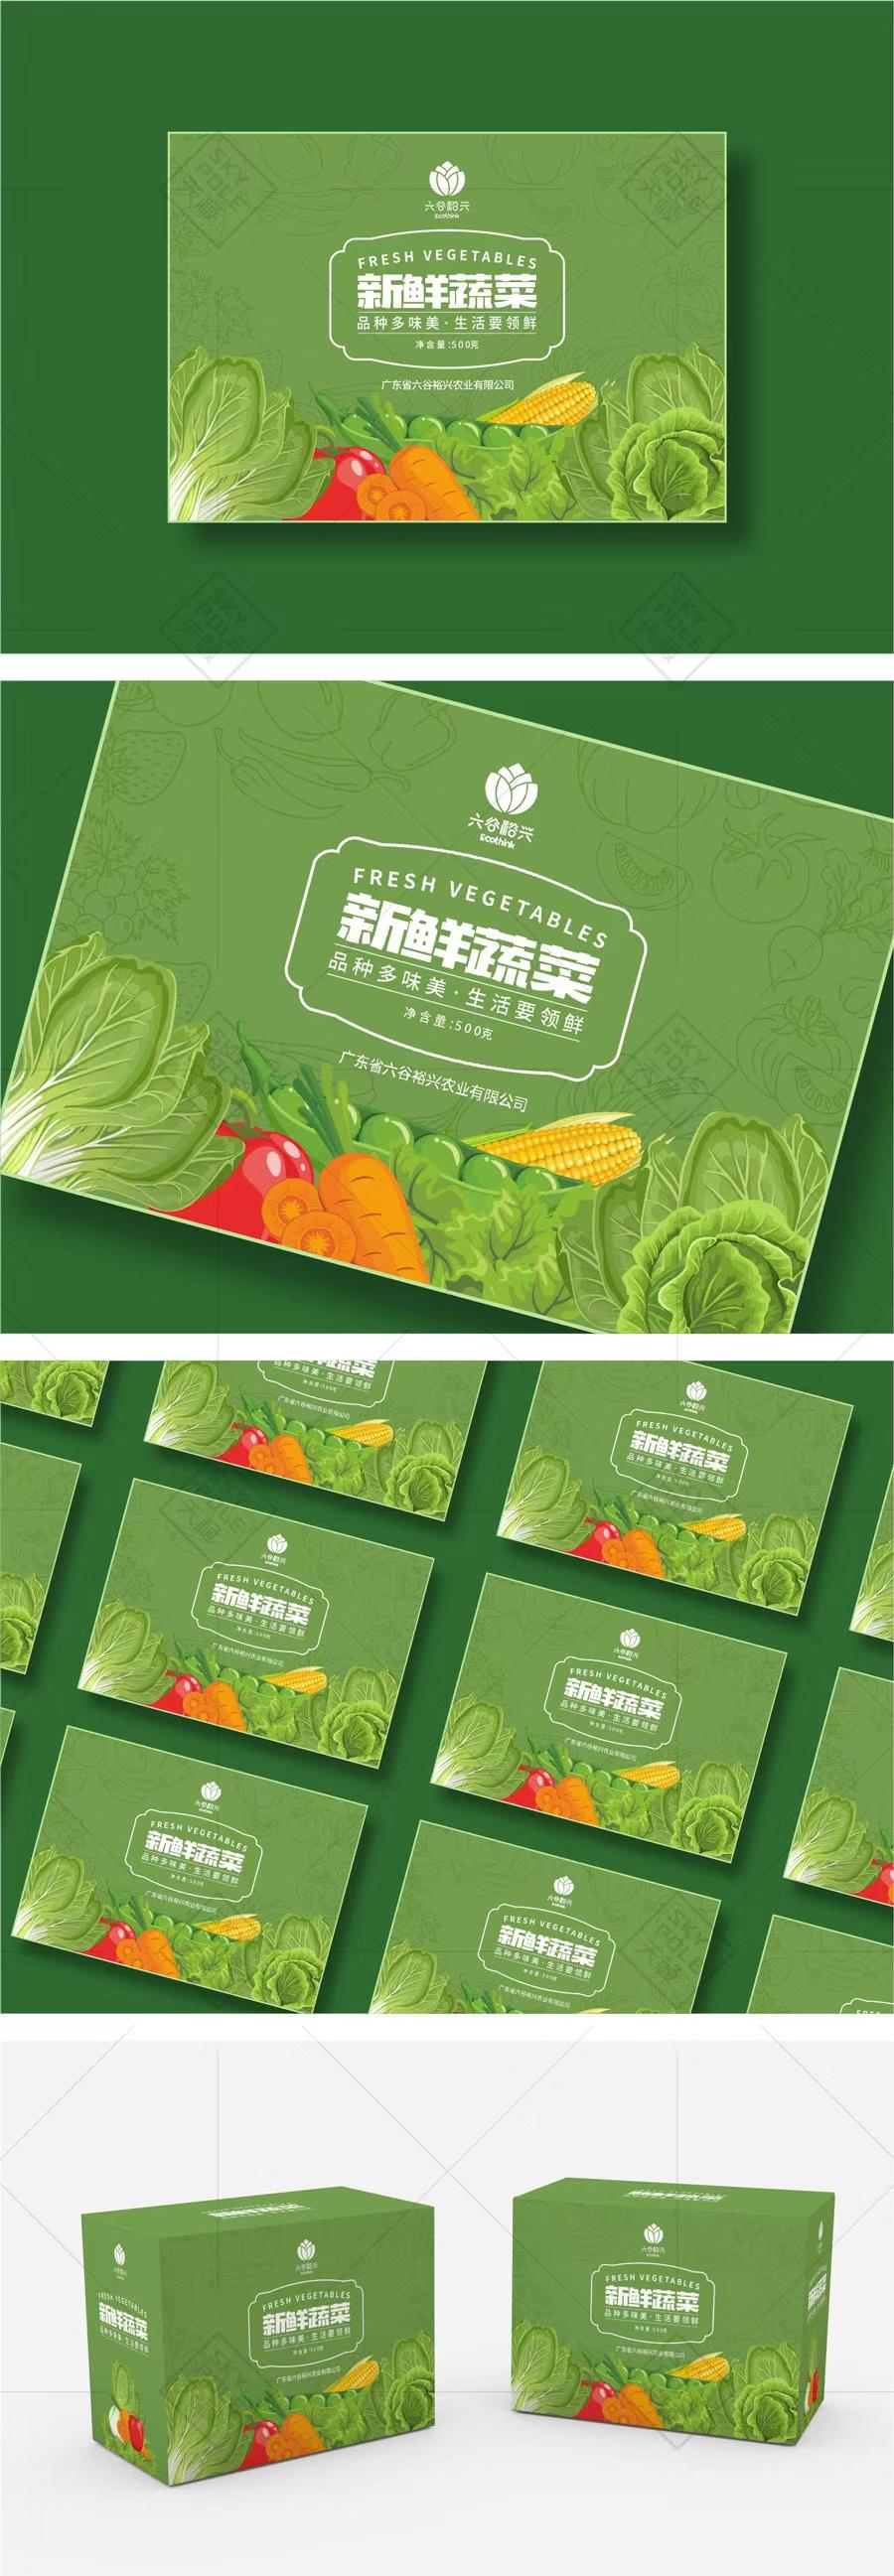 包装设计食品包装袋设计果干高端包装盒设计